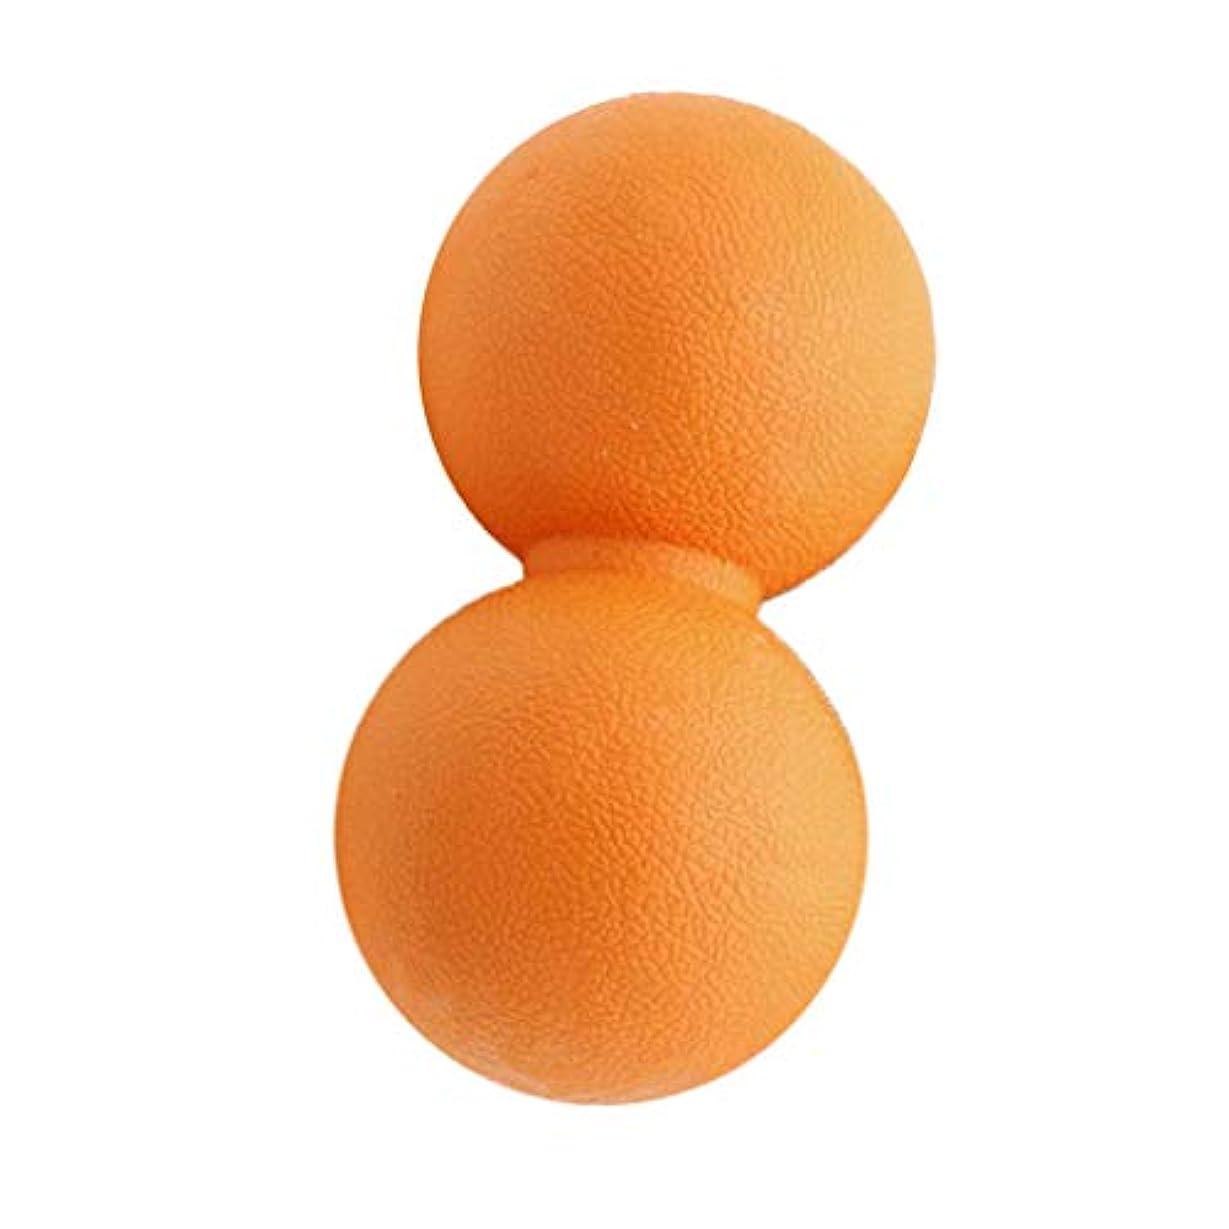 出席する可愛い取得全2色 マッサージボール ピーナッツ ツボ押しグッズ 疲れ解消ボール 筋膜リリース 筋肉疲労回復 - オレンジ, 13cm